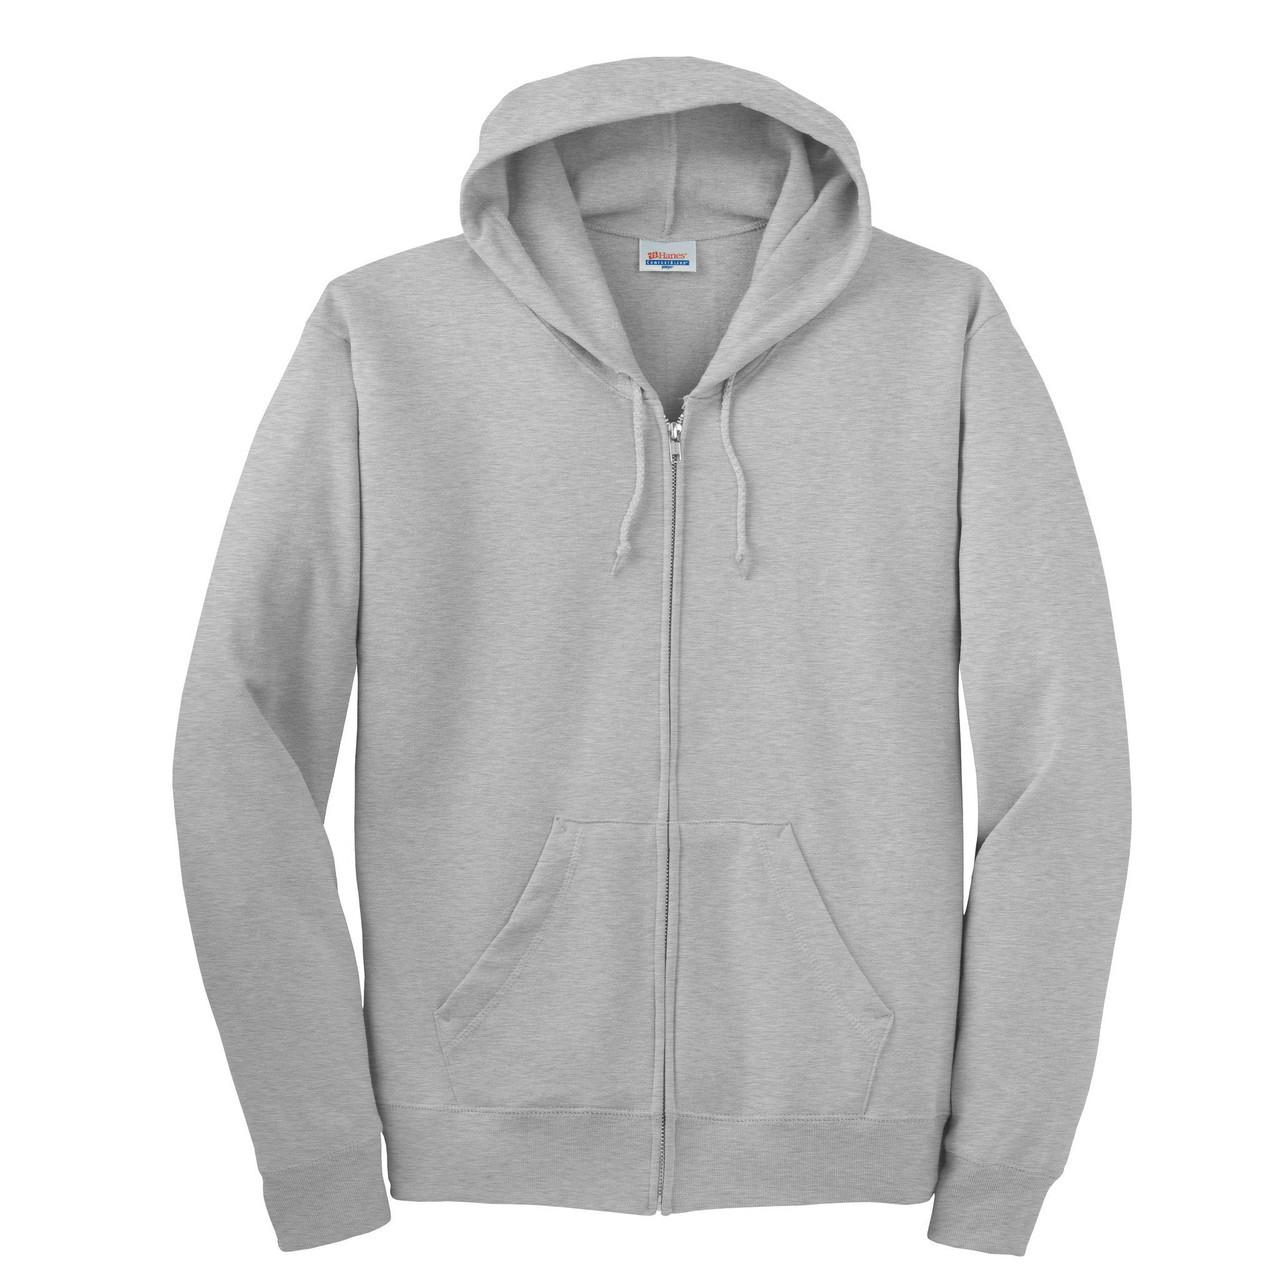 9fe55198bec2 Custom Printed Hanes ComfortBlend® EcoSmart® Full Zip Hoodie - High ...